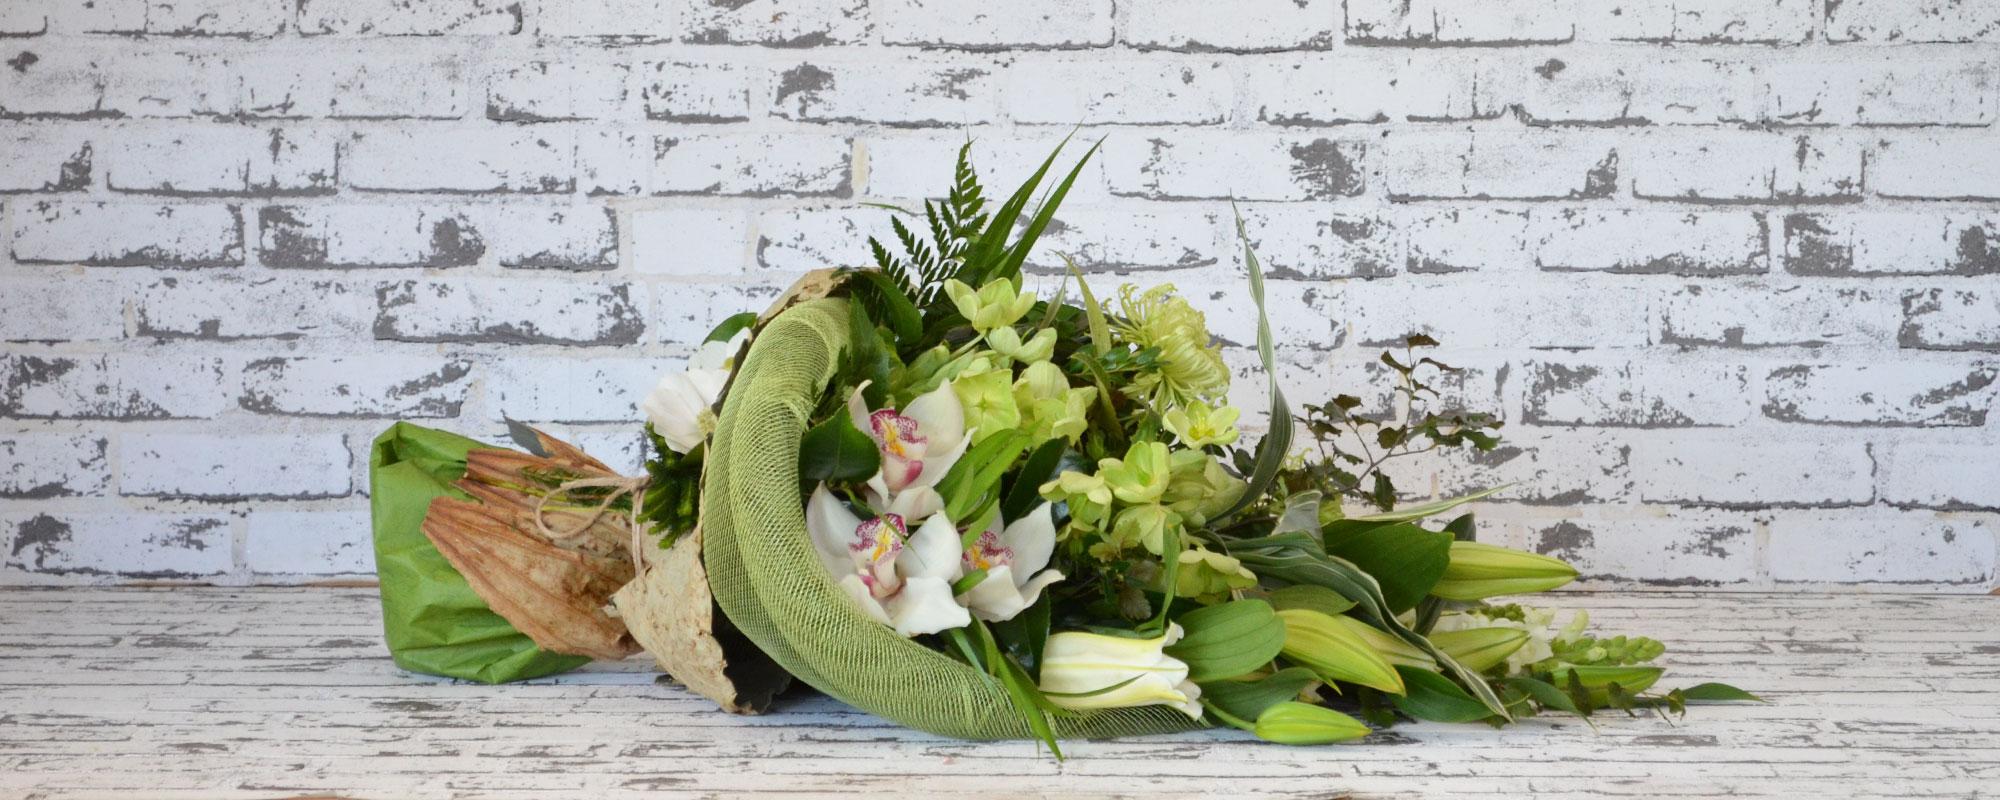 Scentsational Flowers Croydon - Flower Bouquets Croydon